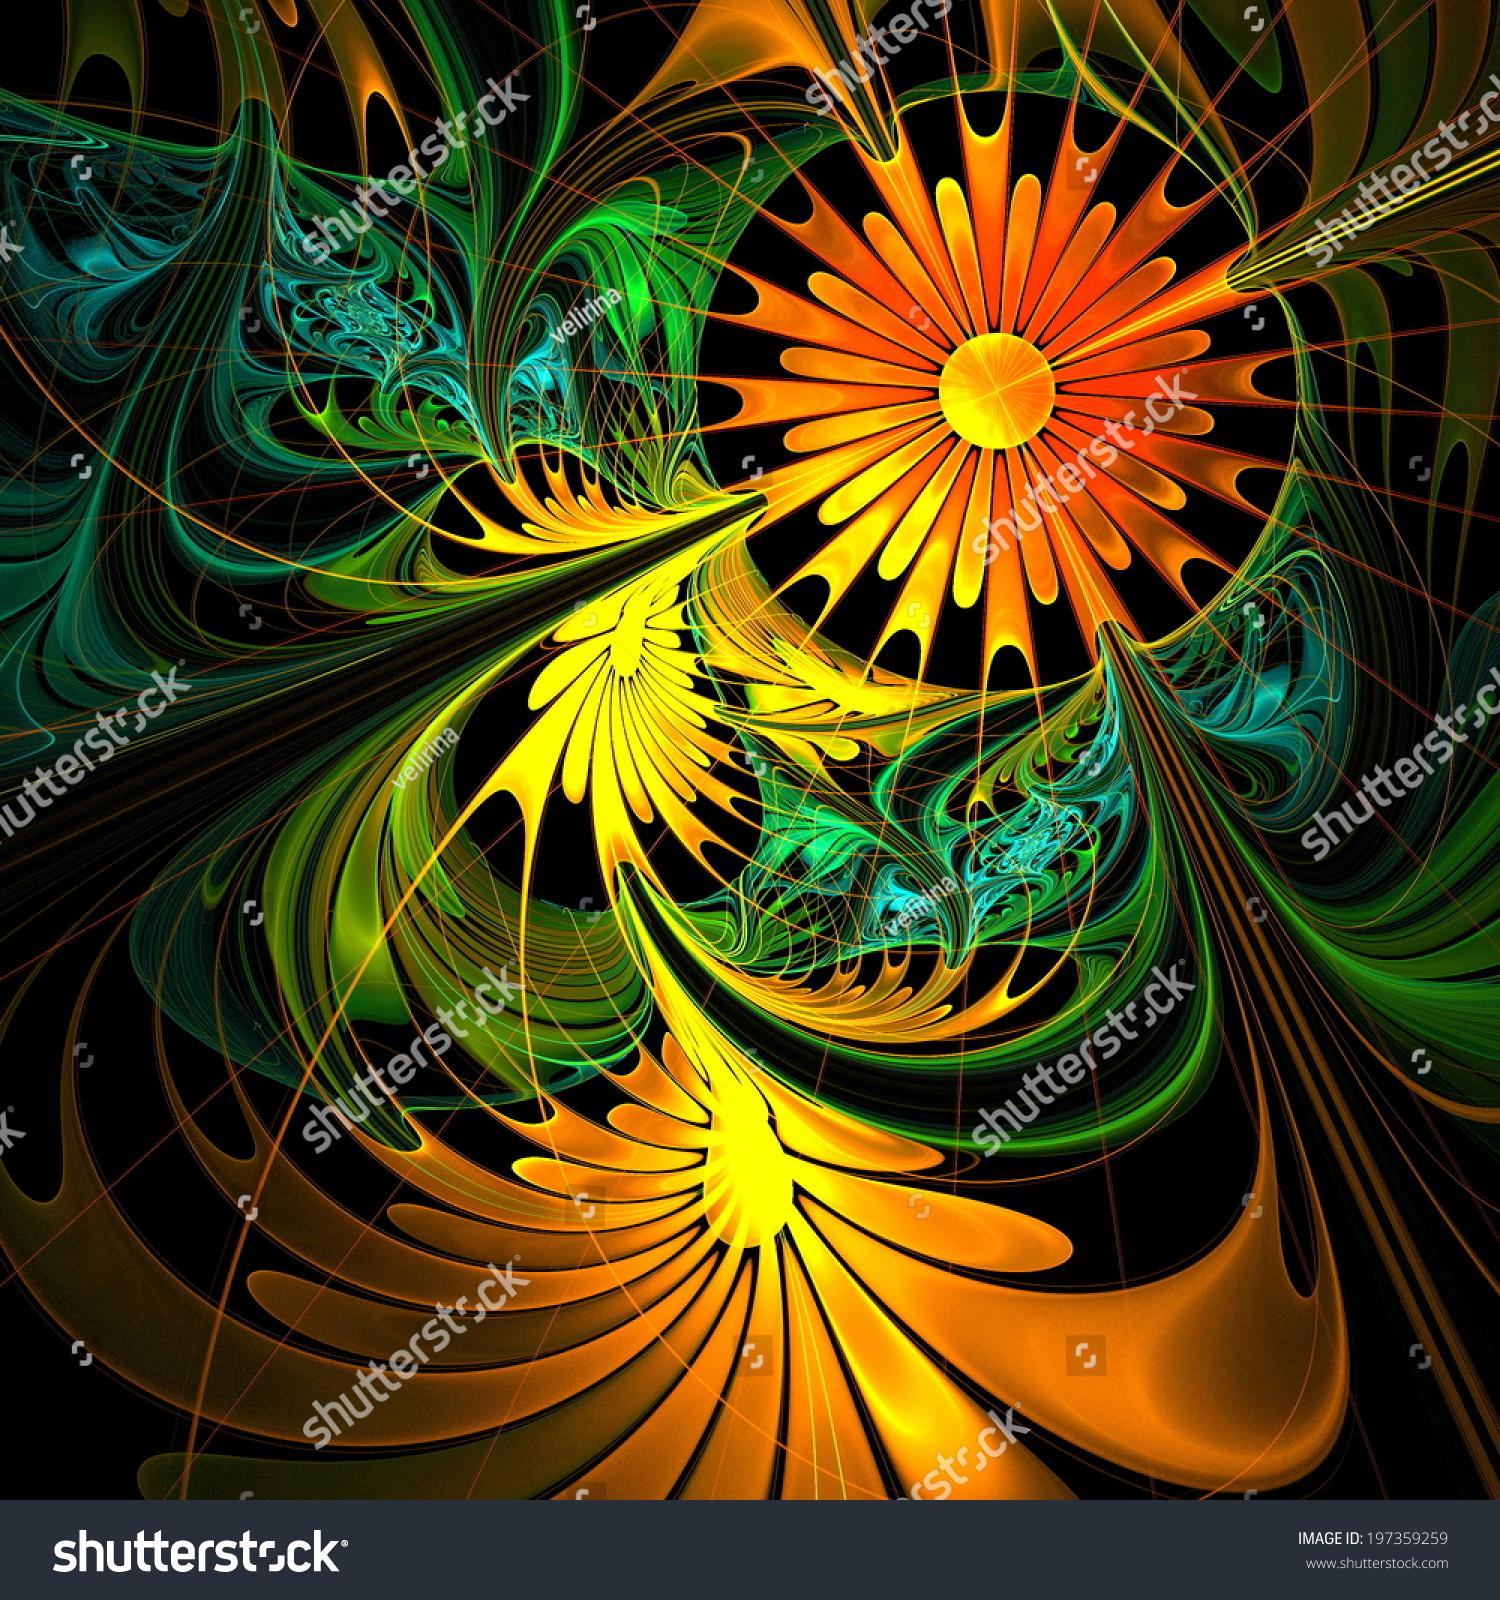 Fractal Black Flower Free Stock Photo: Flower Background Orange Green Palette Fractal Stock